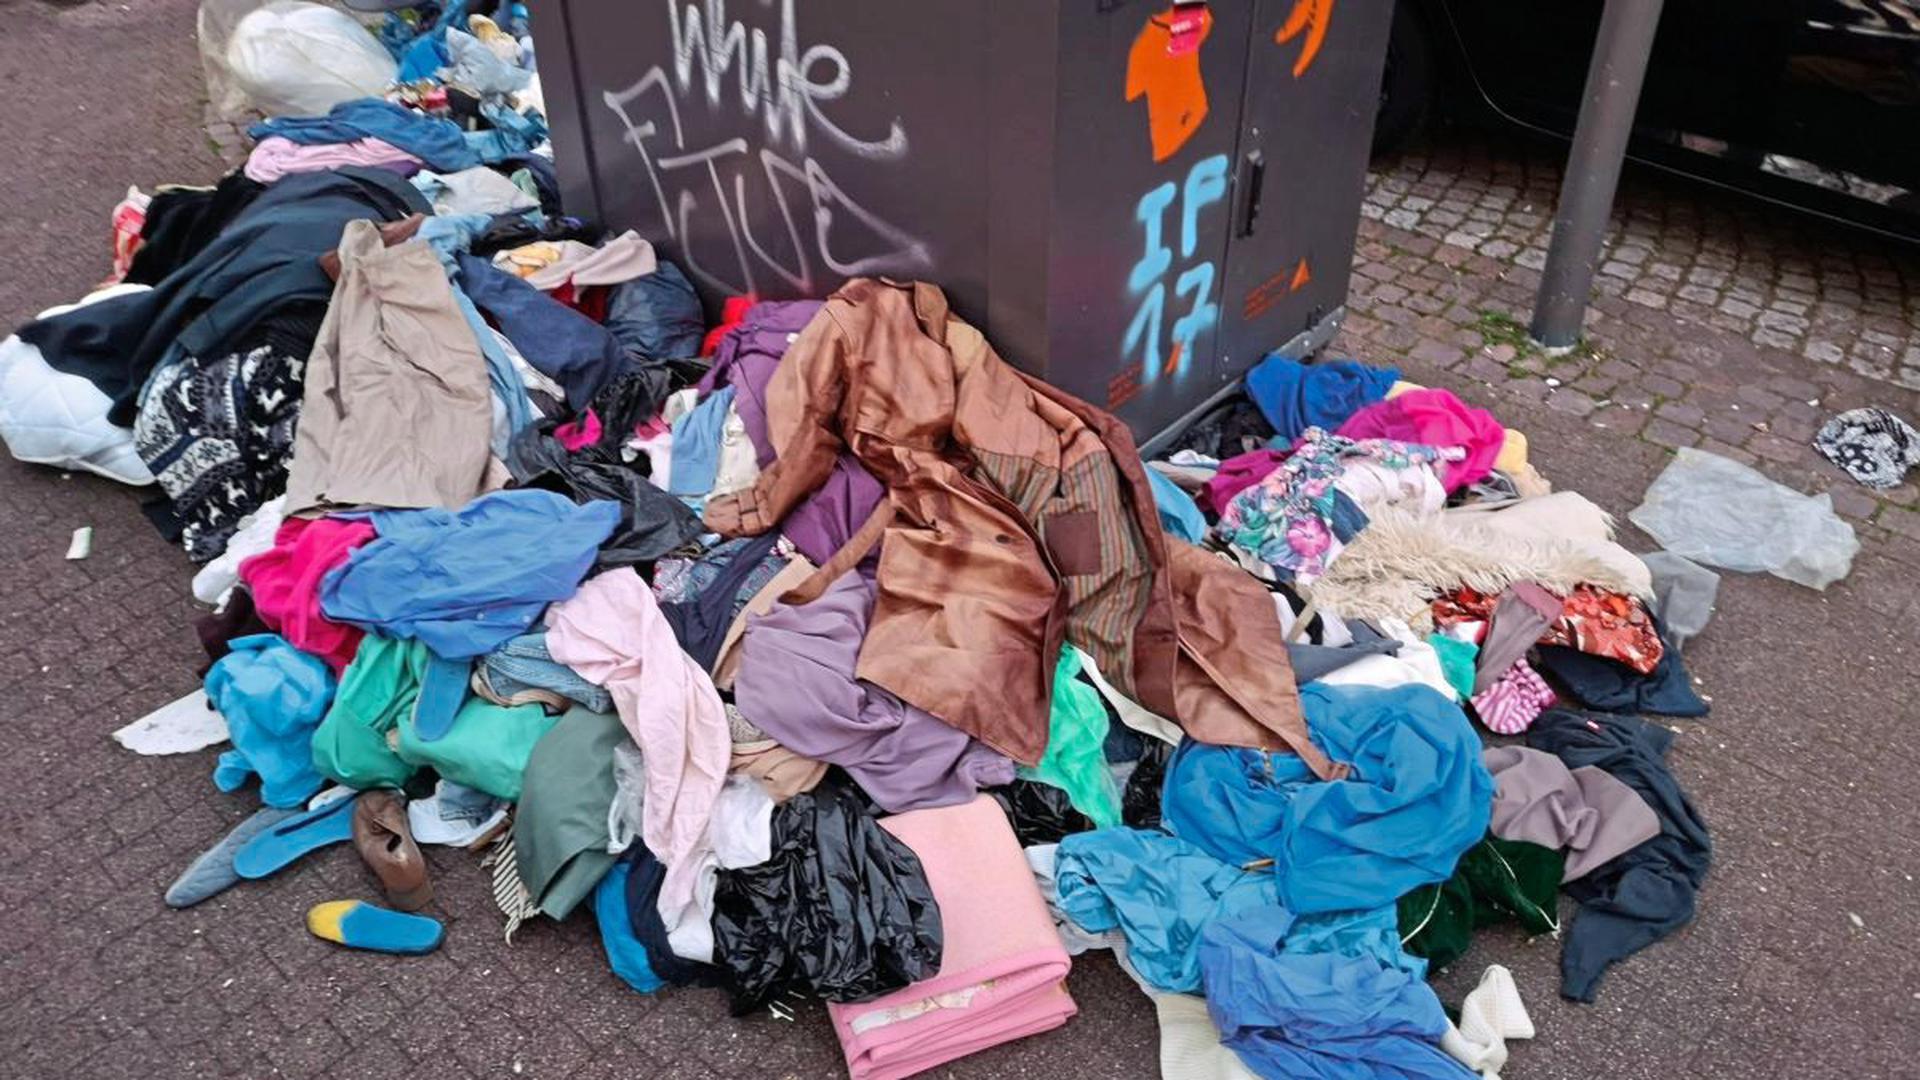 Altkleidercontainer wie hier in der Oststadt werden in Karlsruhe häufig aufgebrochen. Diebe nehmen nur die besten Stücke mit.